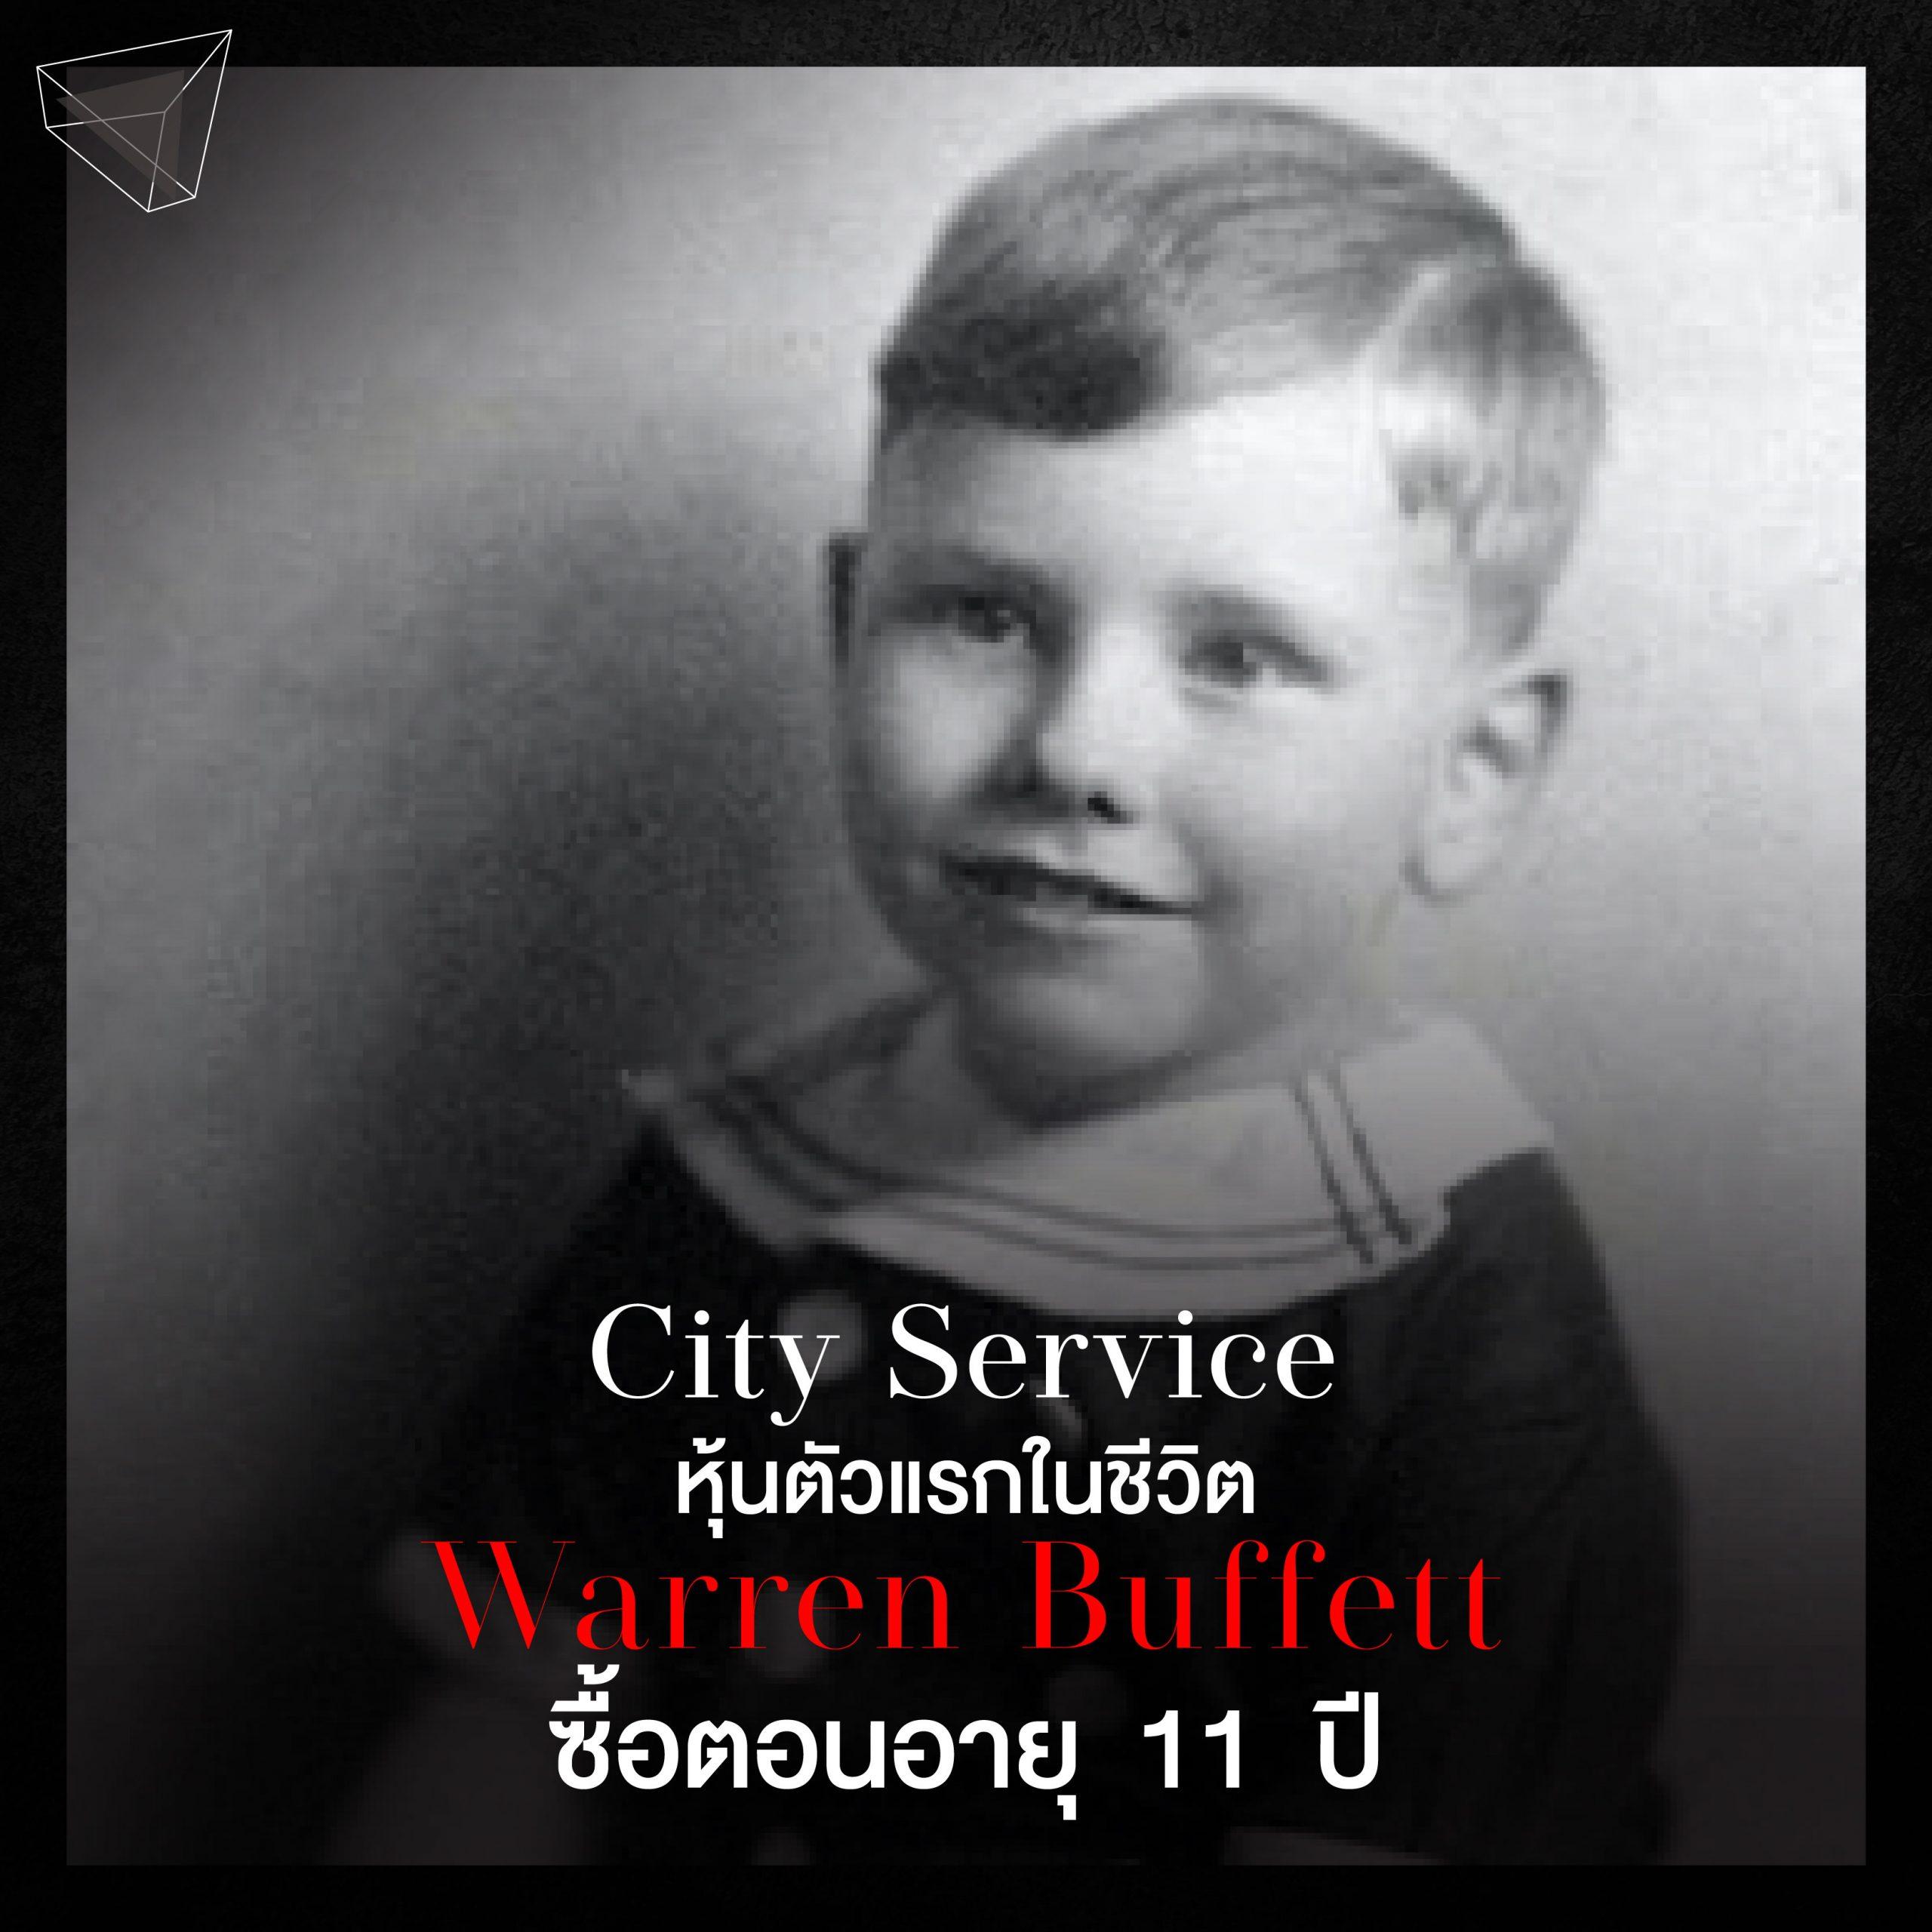 วอร์เรน บัฟเฟตต์ หุ้นตัวแรก City Service